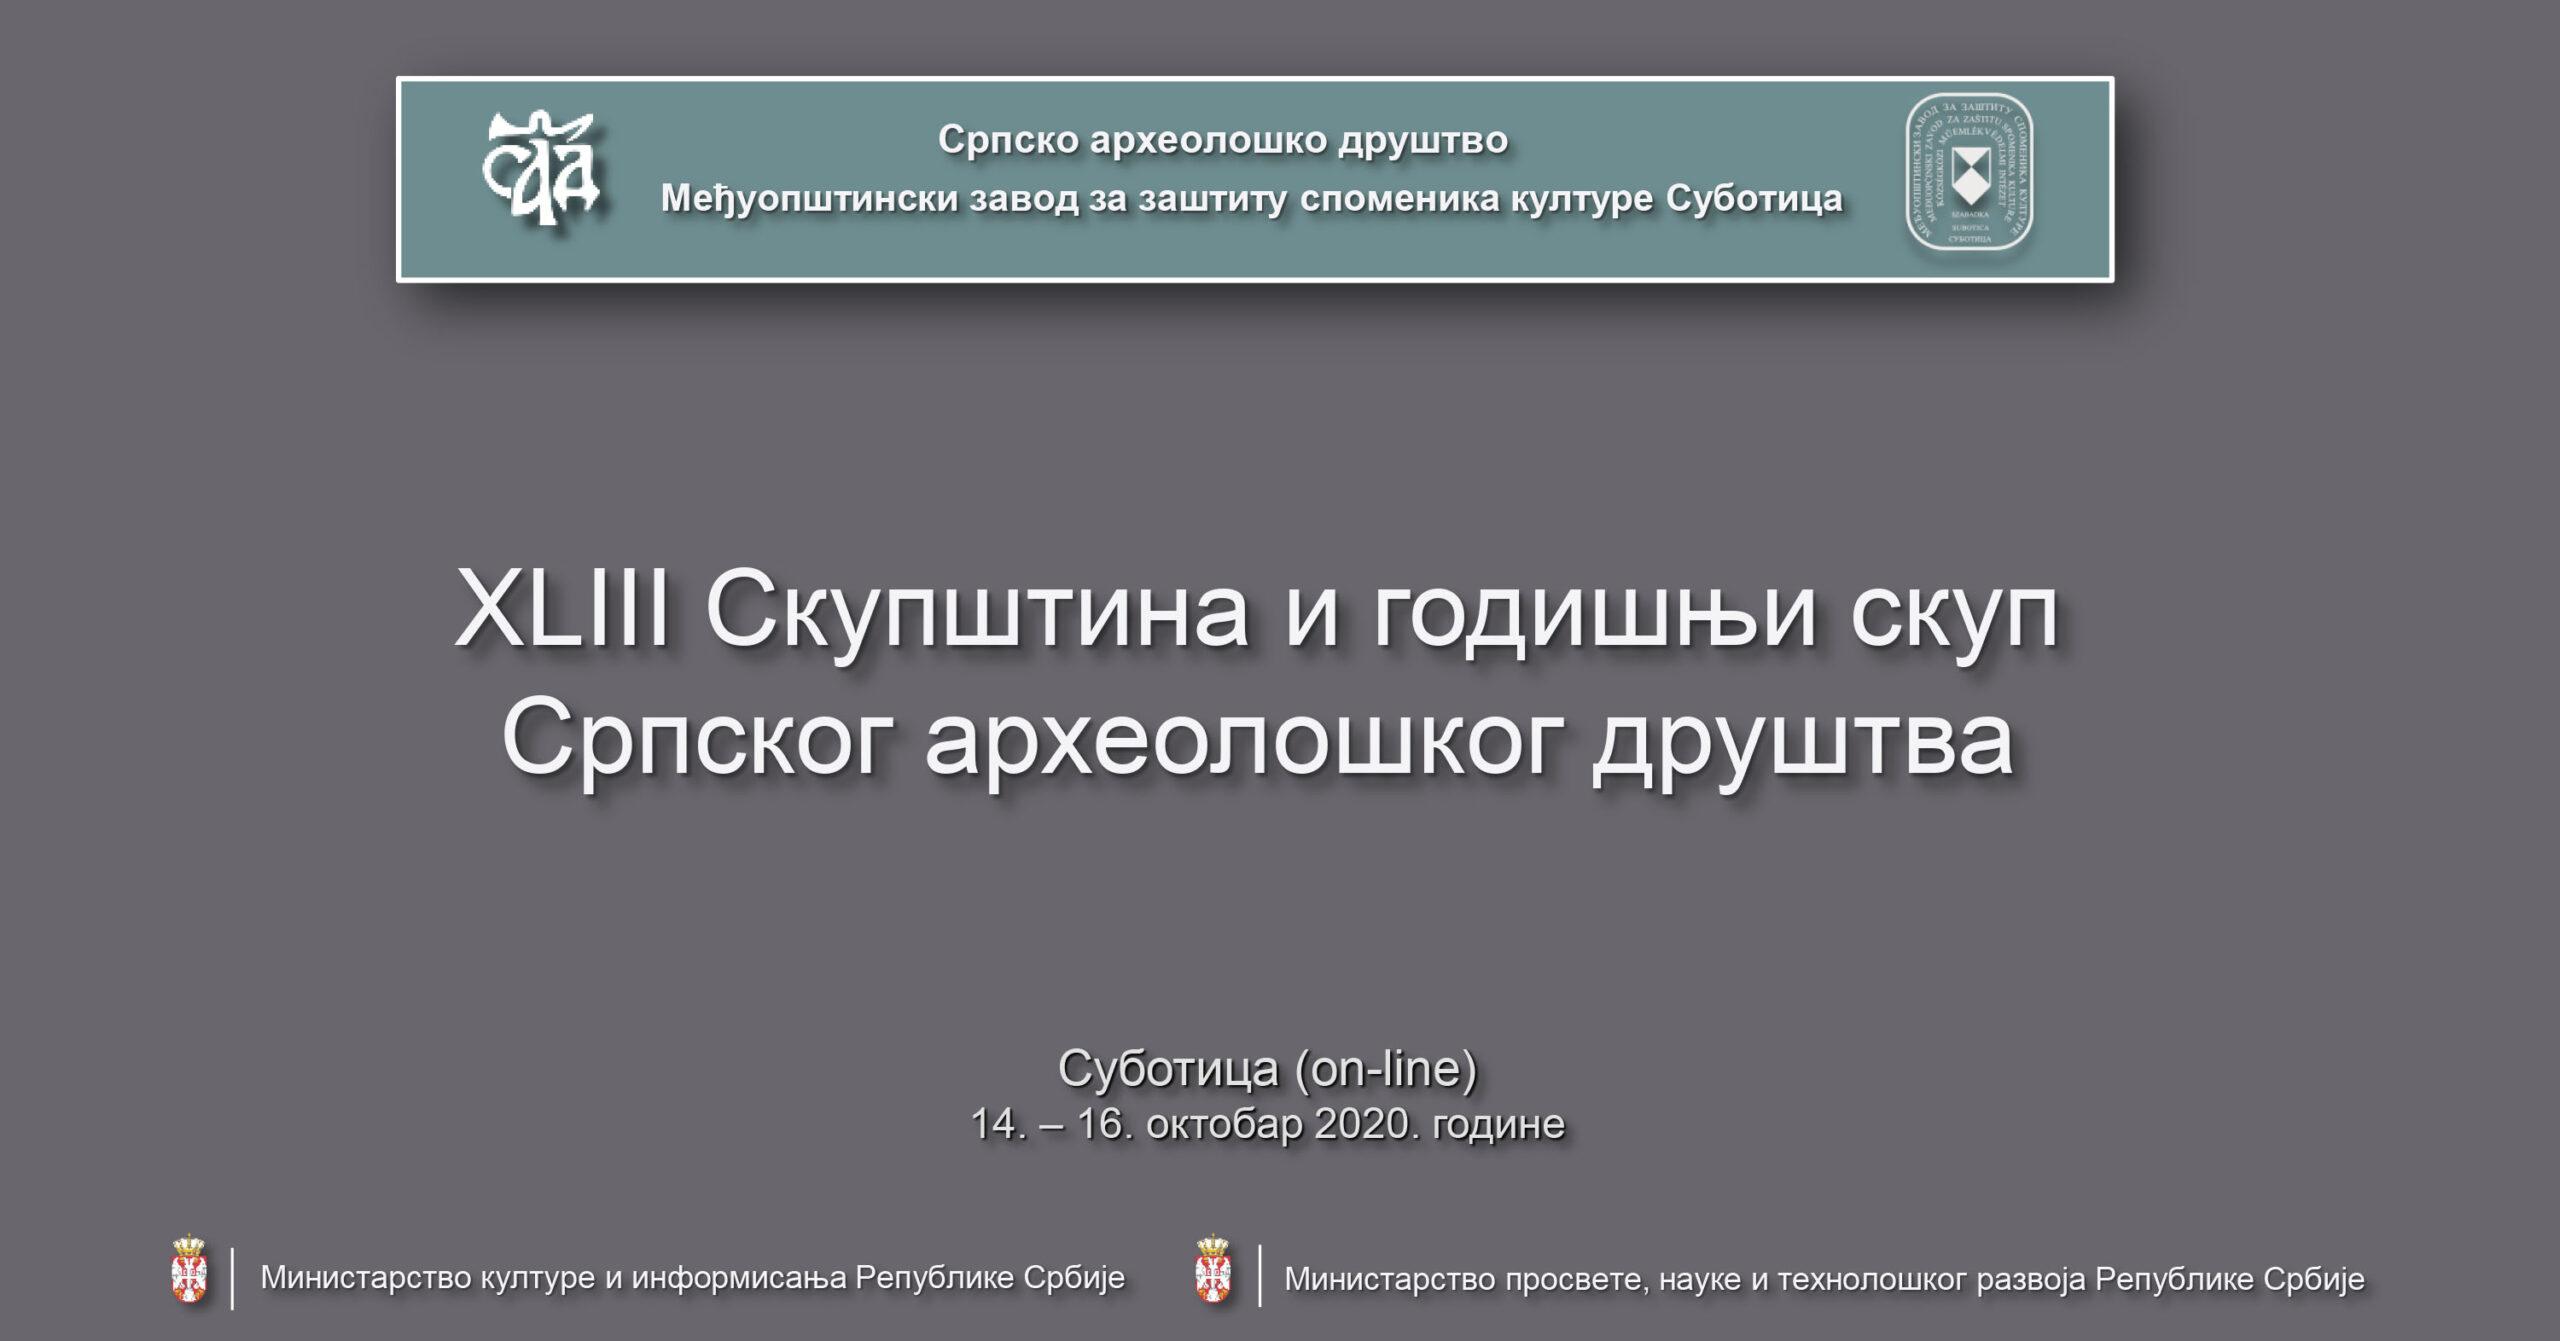 XLIII Skupština i godišnji skup Srpskog arheološkog društva